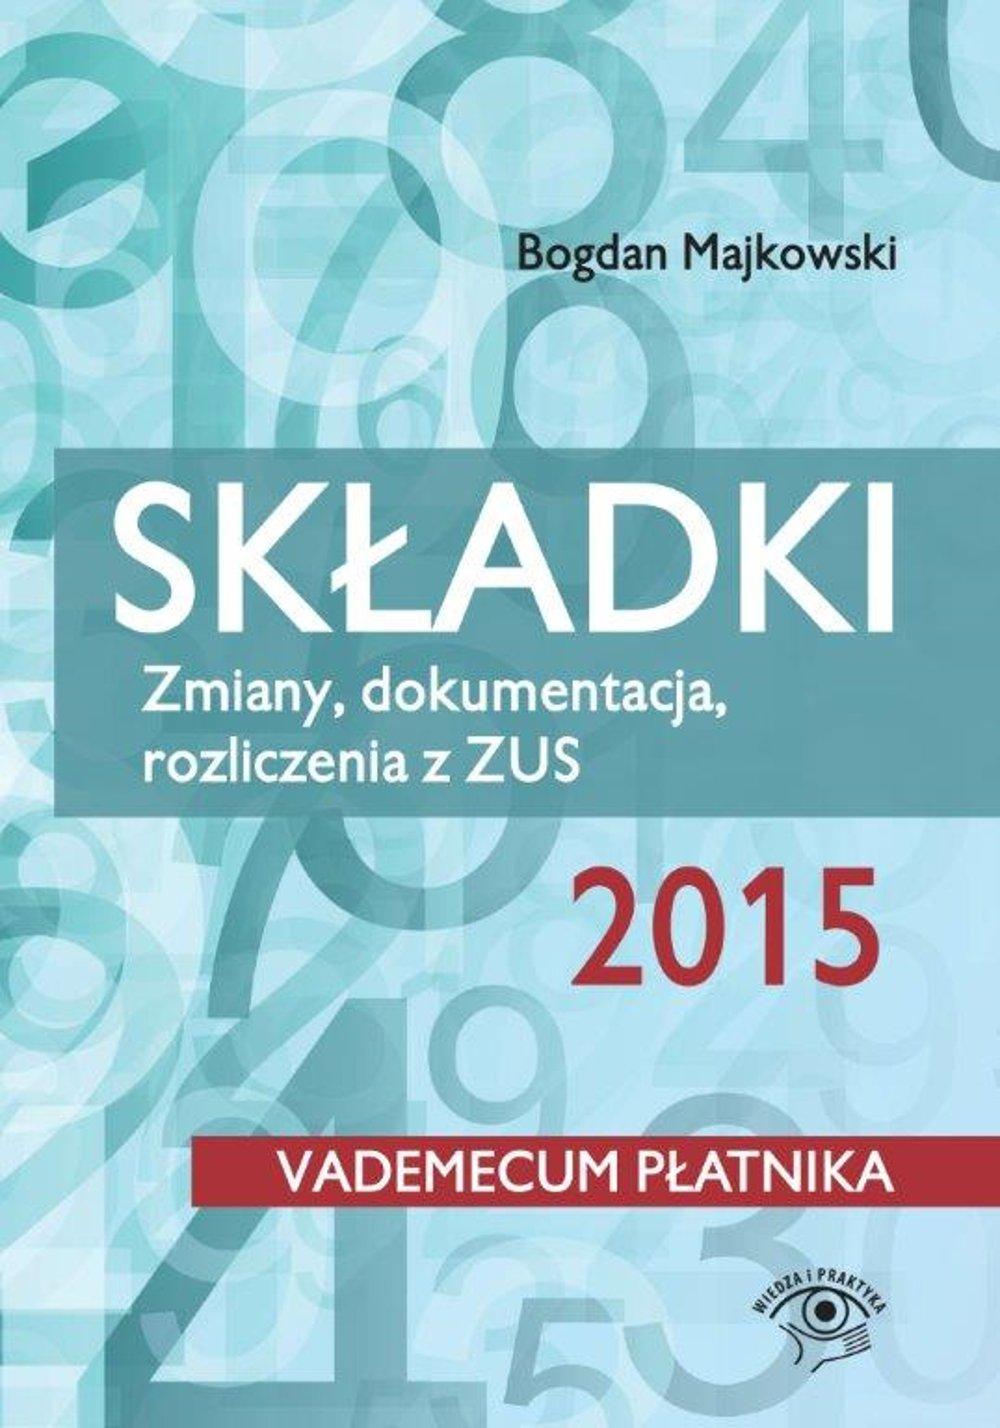 Składki 2015. Zmiany, dokumentacja, rozliczenia z ZUS - Ebook (Książka EPUB) do pobrania w formacie EPUB